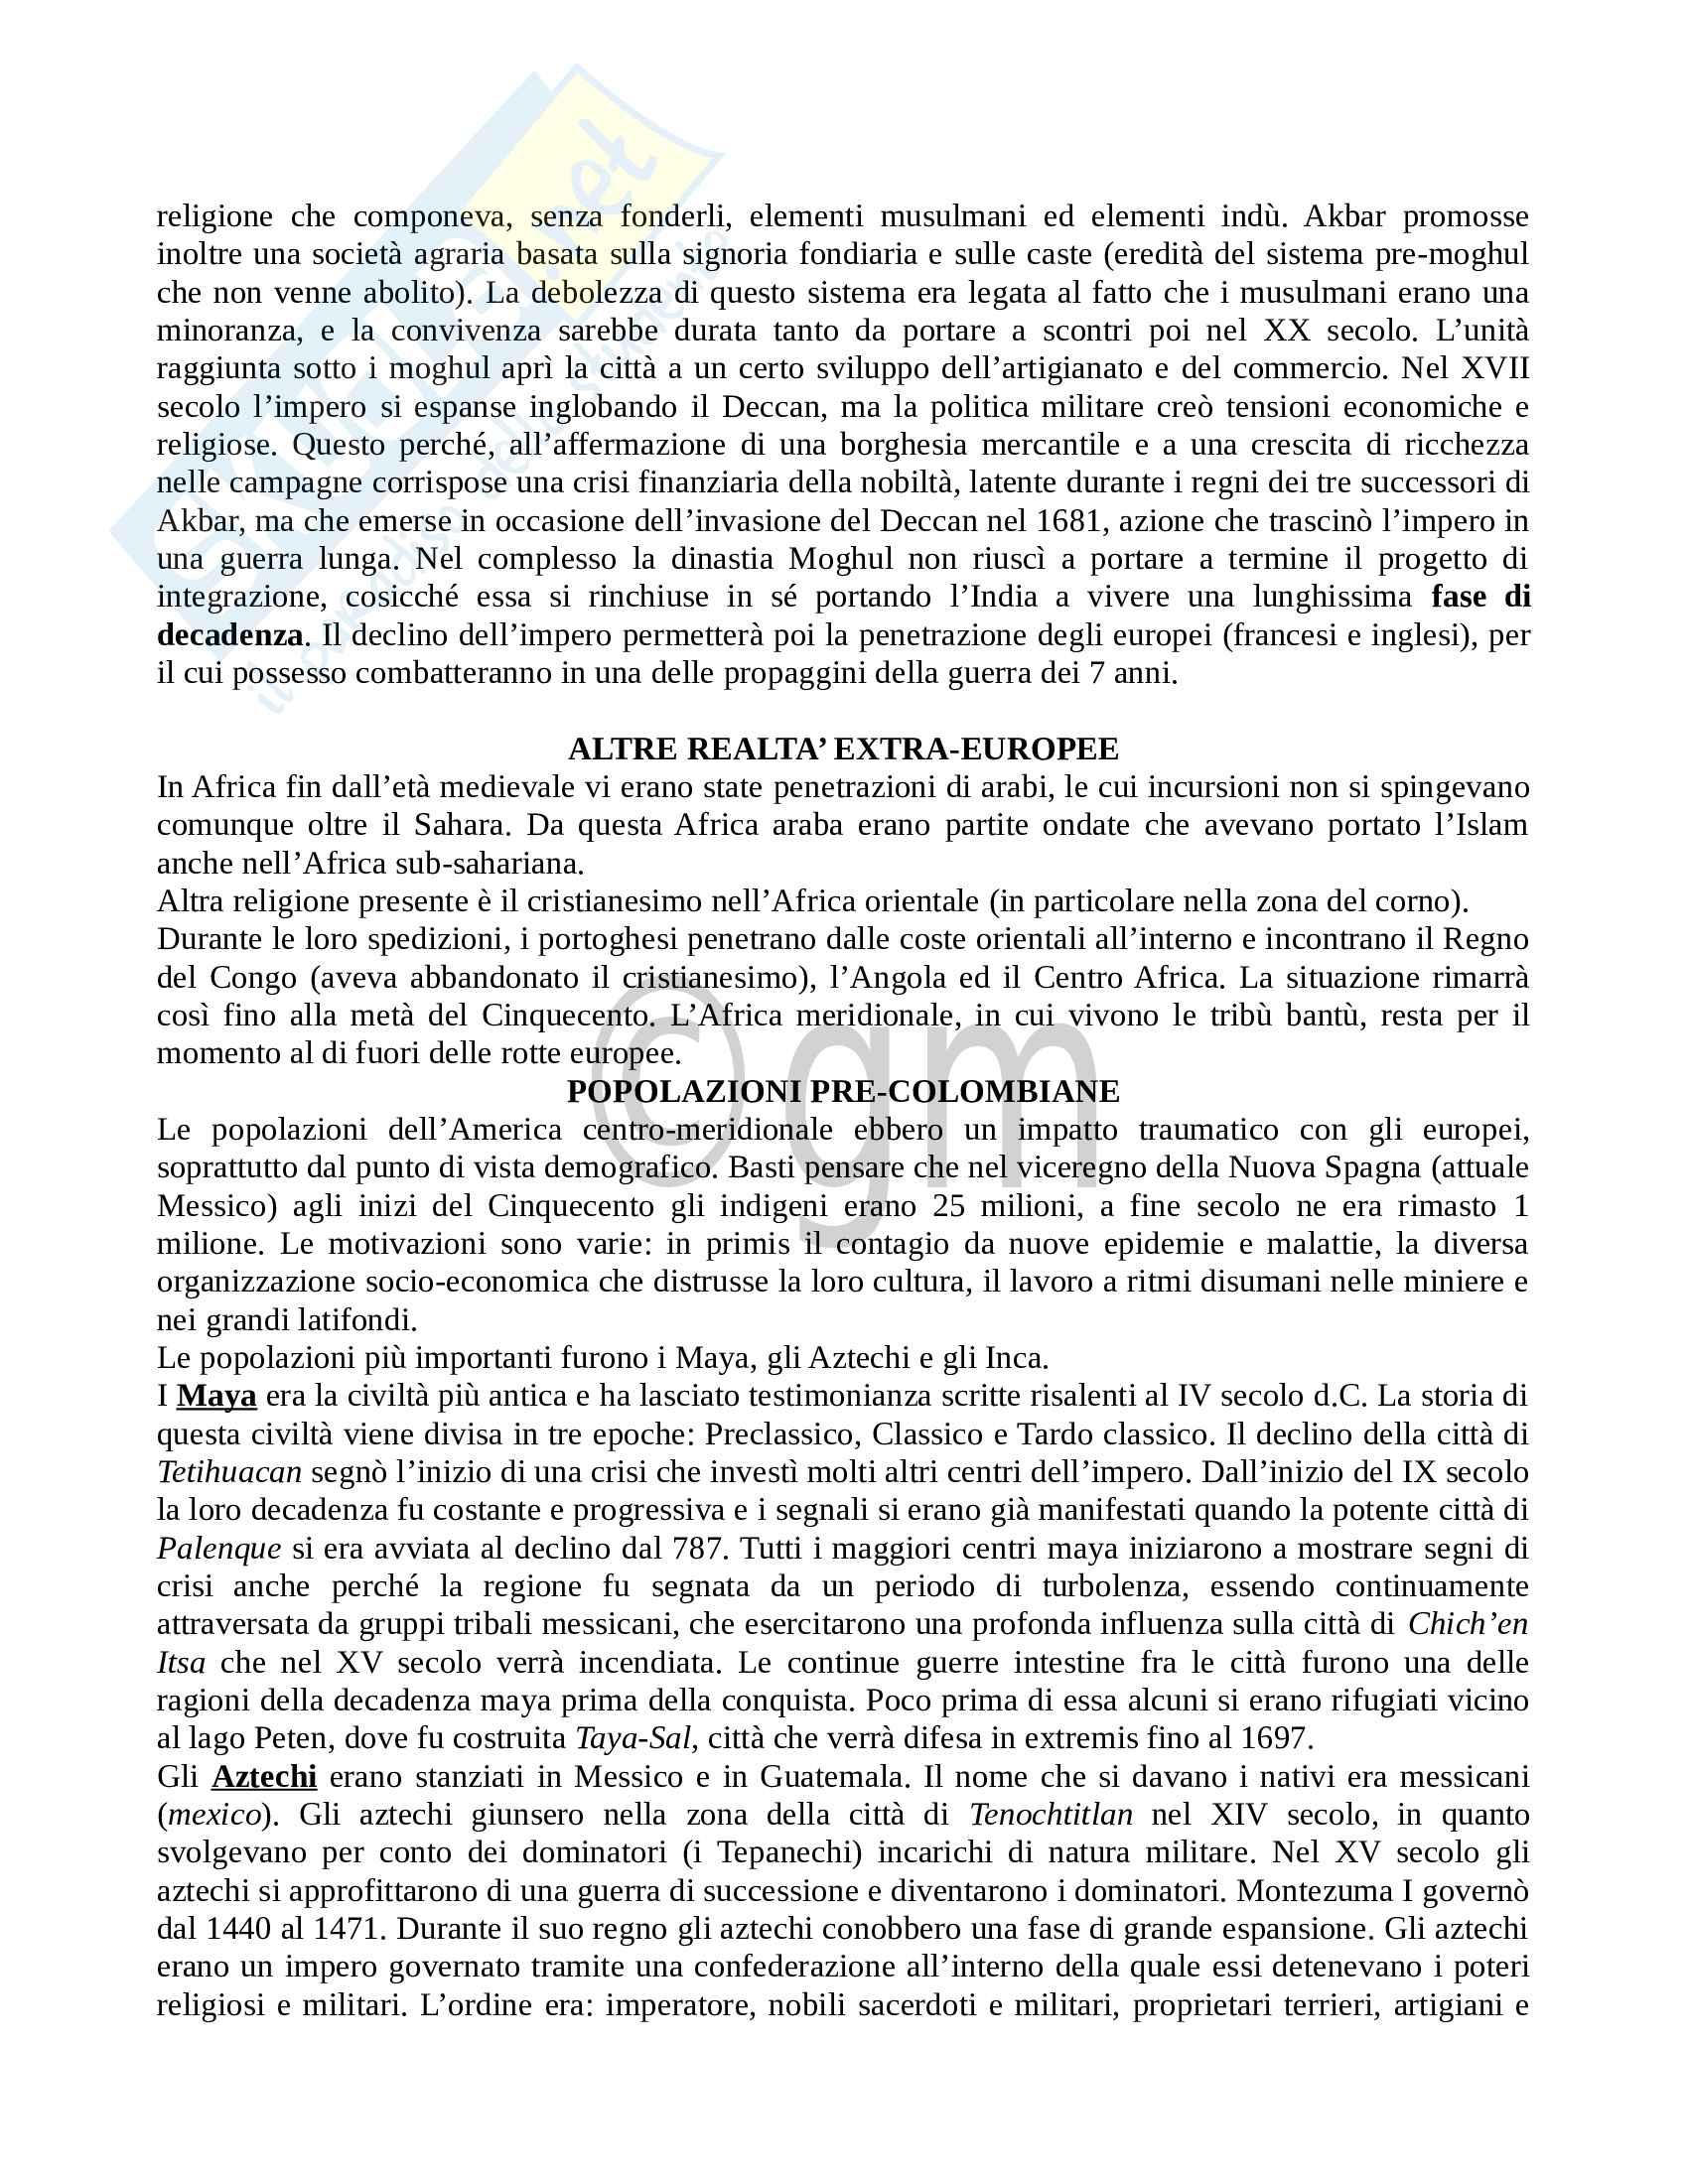 Appunti Storia moderna - completi e dettagliati Pag. 16